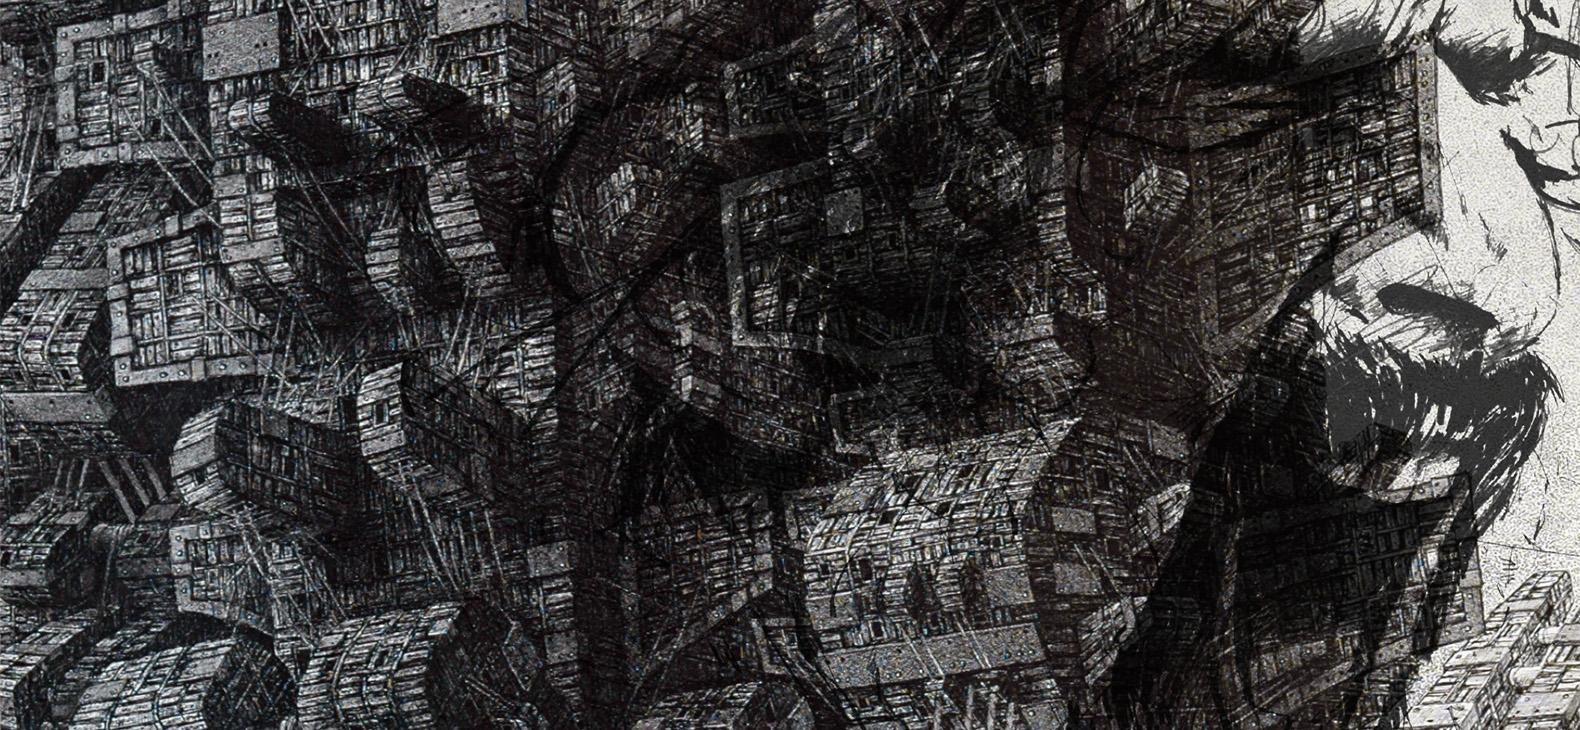 Halbabstrakte Schwarzweiß-Zeichnung mit maschinenartigen Elementen und einem Frank Zappa-Portrait